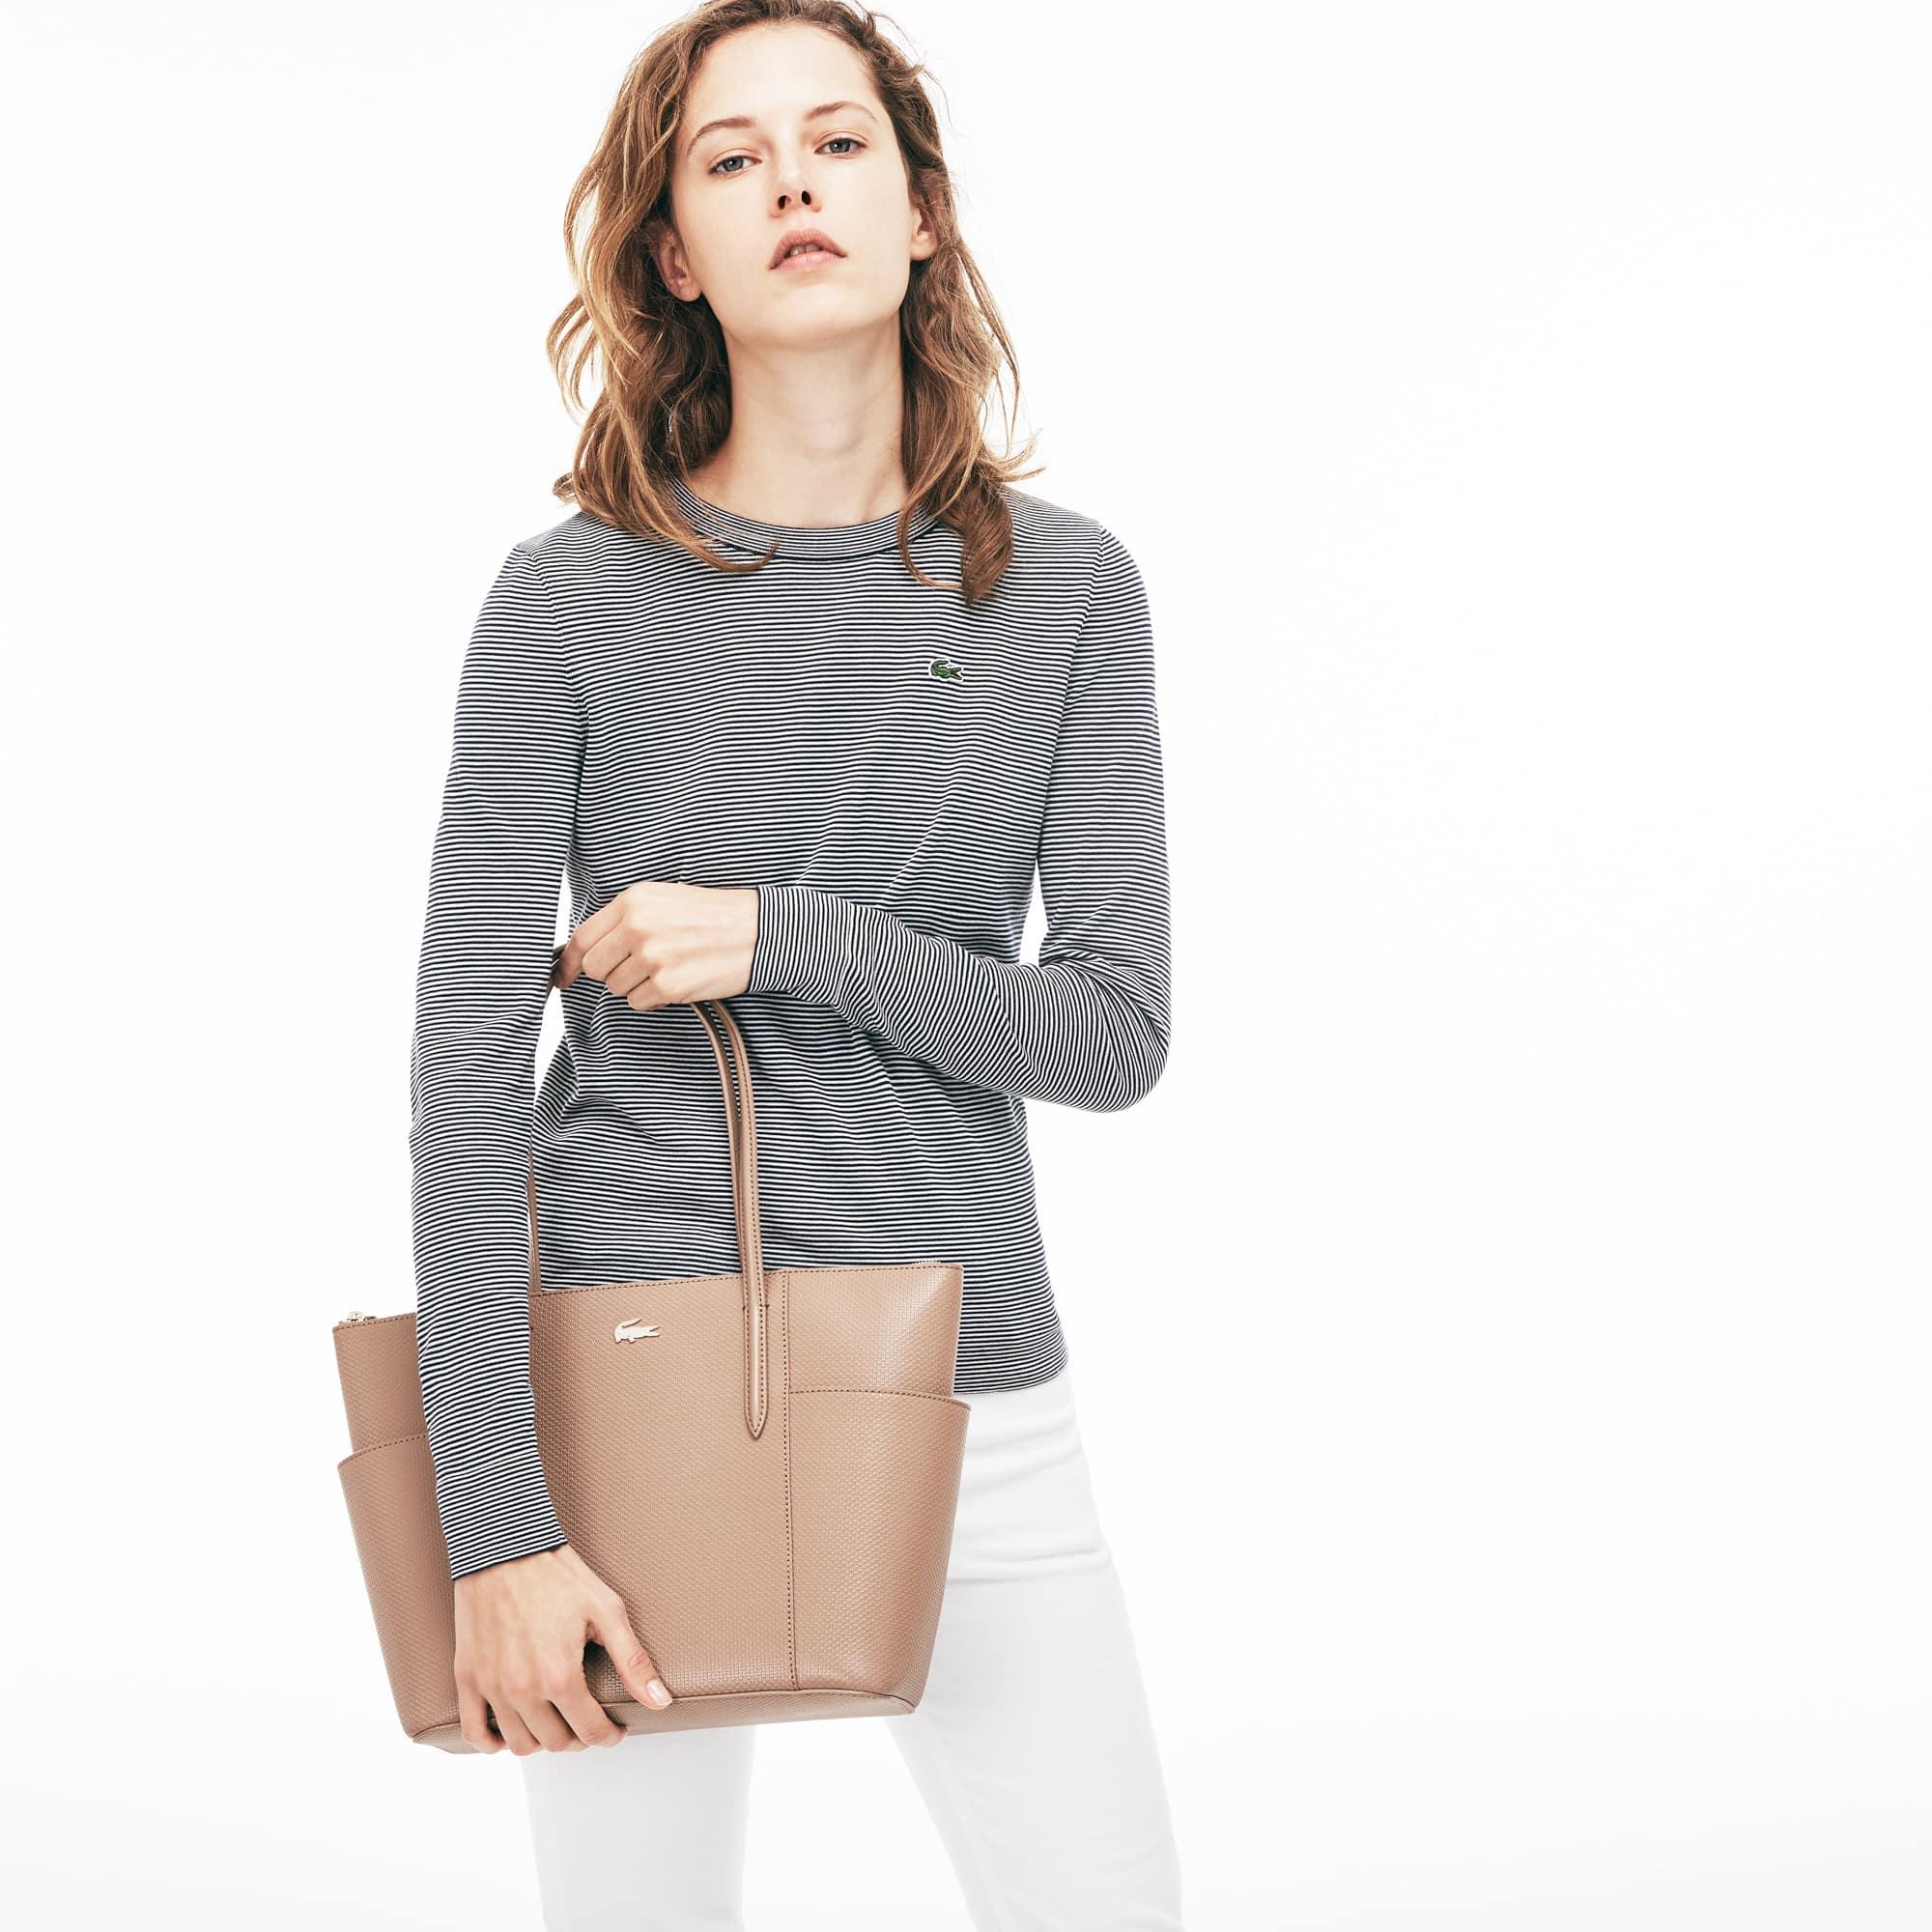 Piqué leren draagtas met zakken met rits